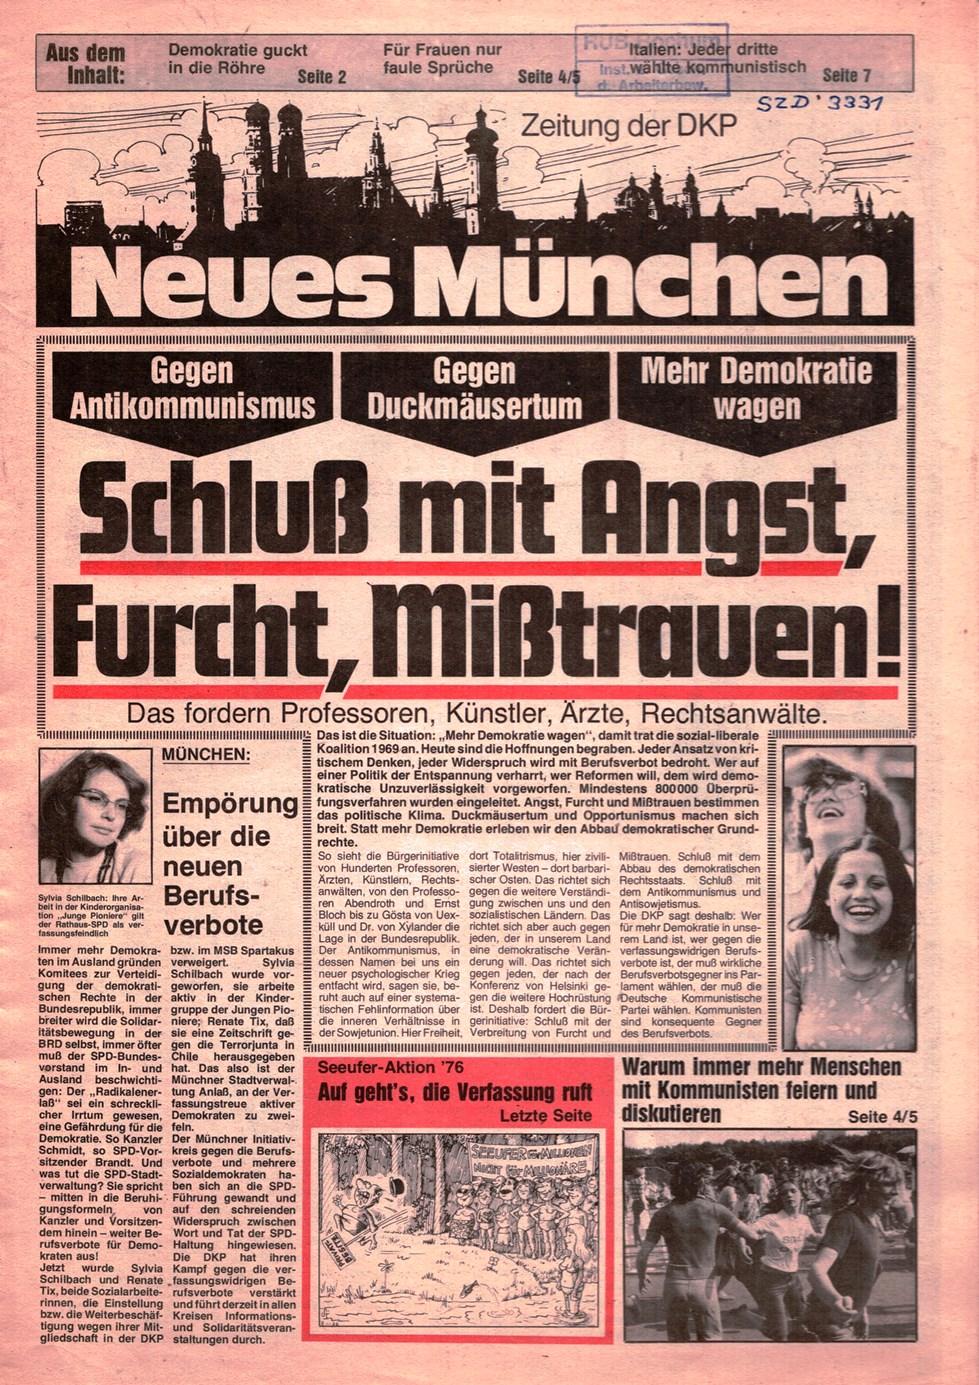 Muenchen_DKP_Neues_Muenchen_19760700_001